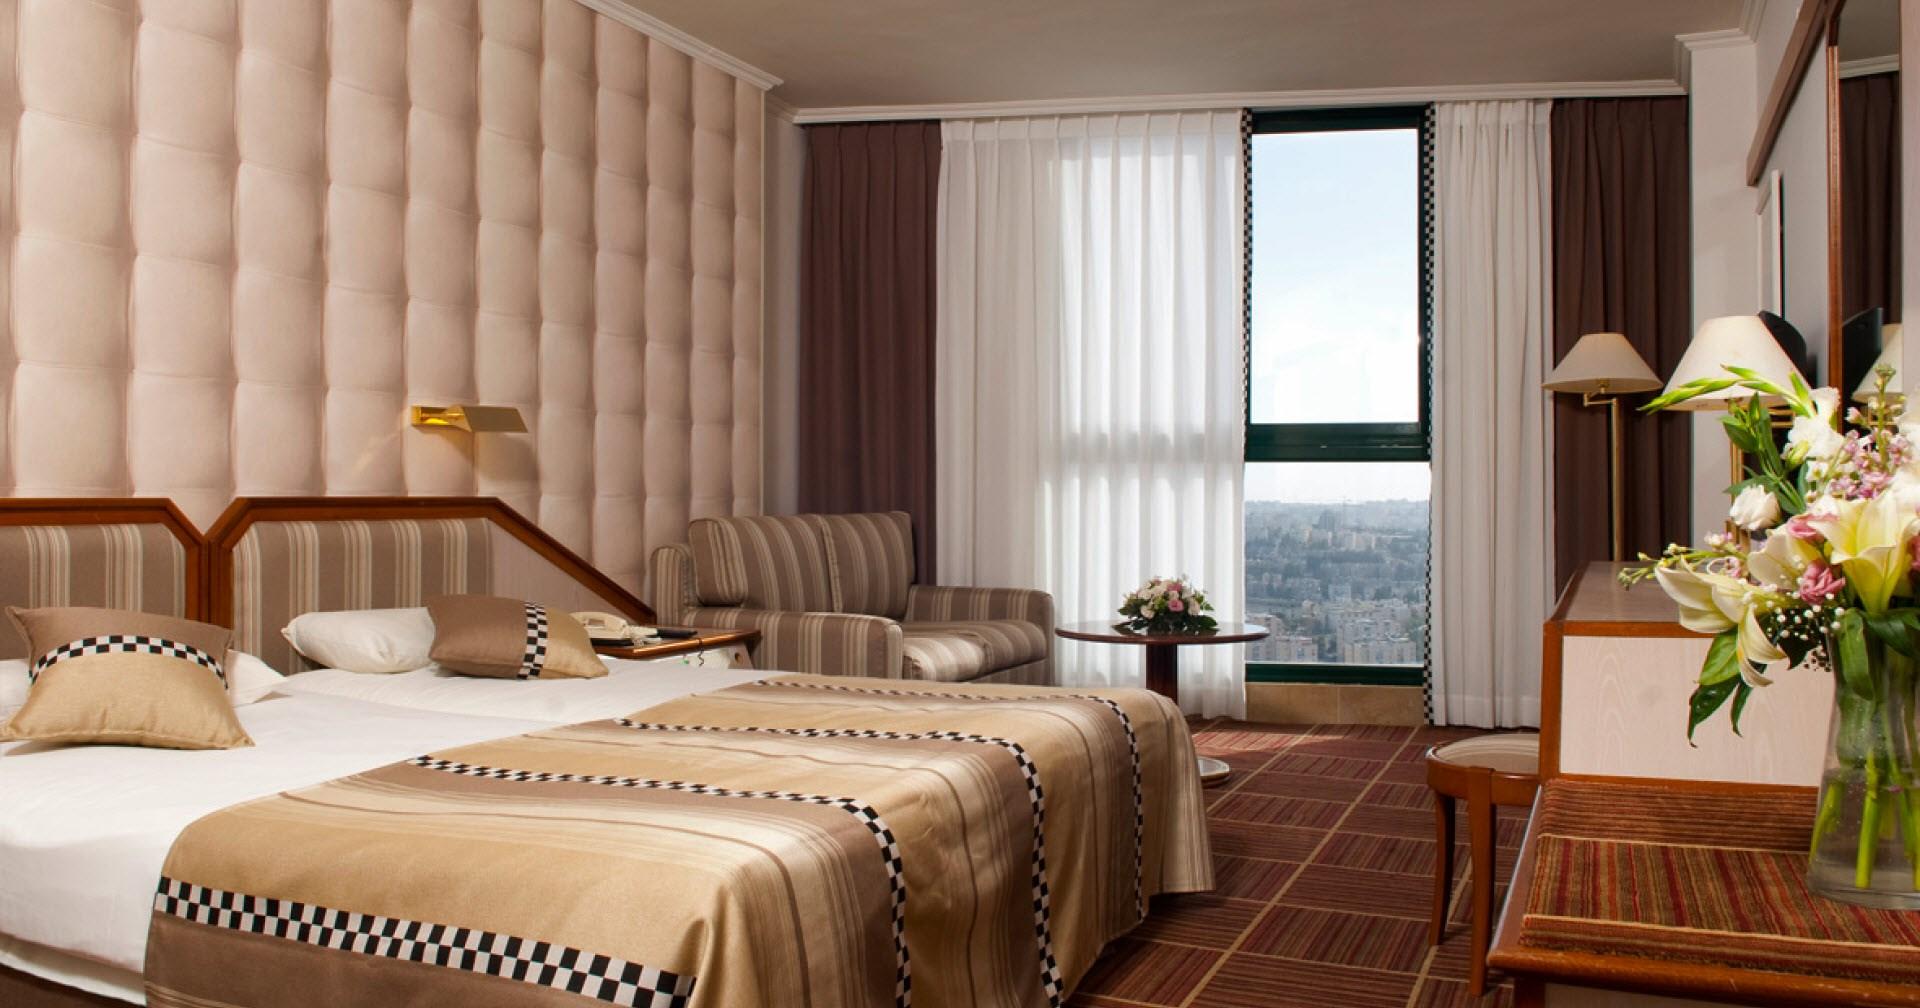 מלון בירושלים - מלון שלום ירושלים